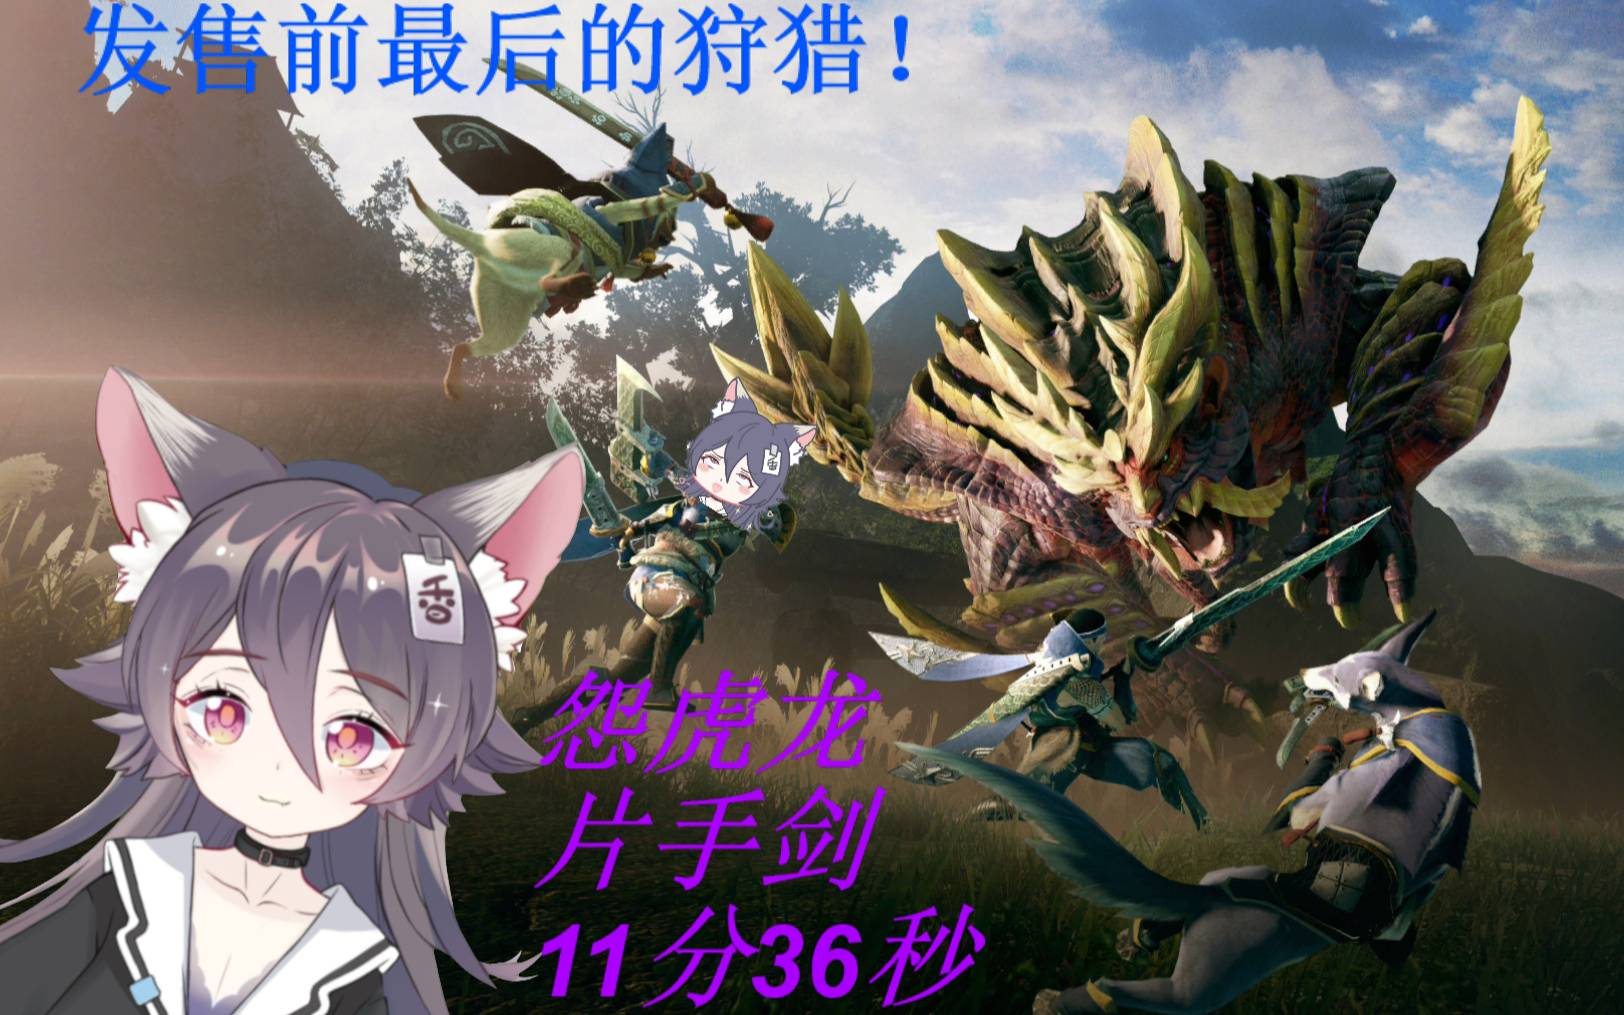 【MHR试玩版】怨虎龙片手剑11分36秒,发售前最后的狩猎!香香的录播片段ο(=•ω<=)ρ⌒☆